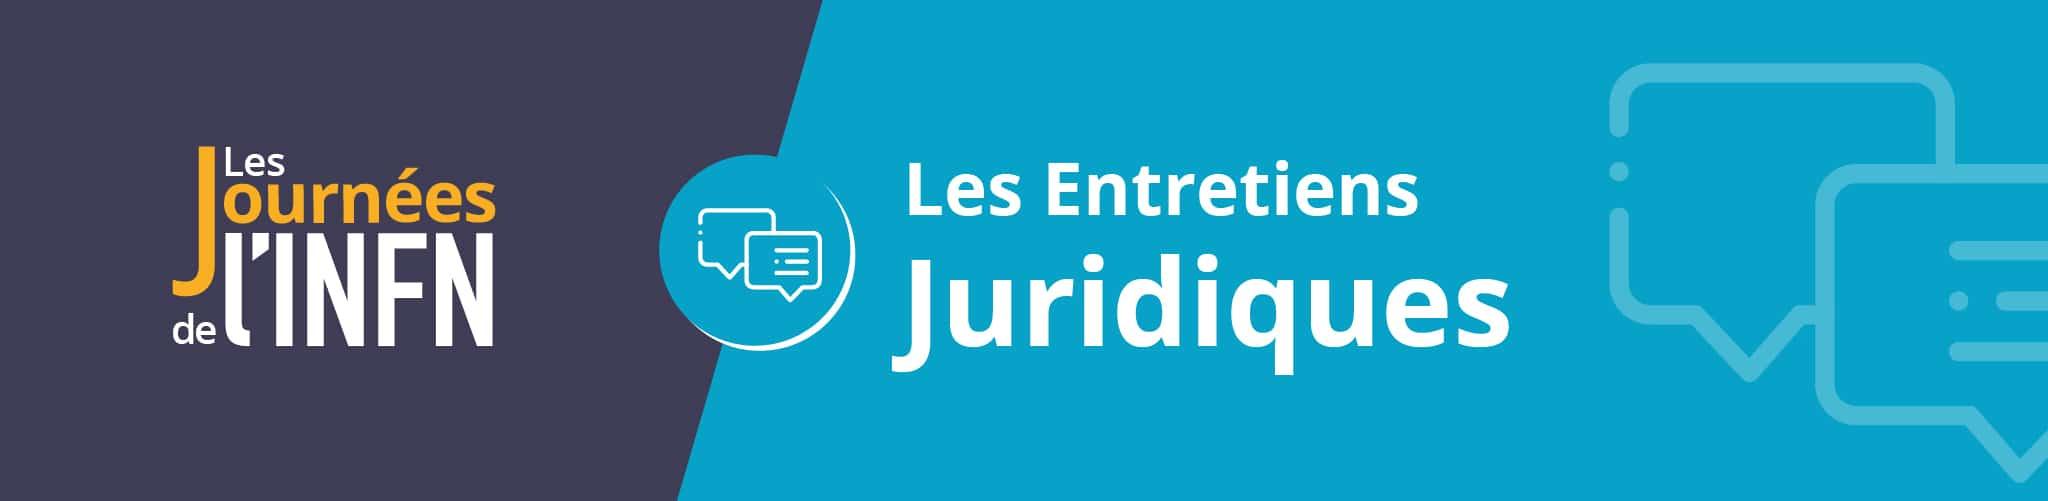 Bandeau Entretiens Juridiques